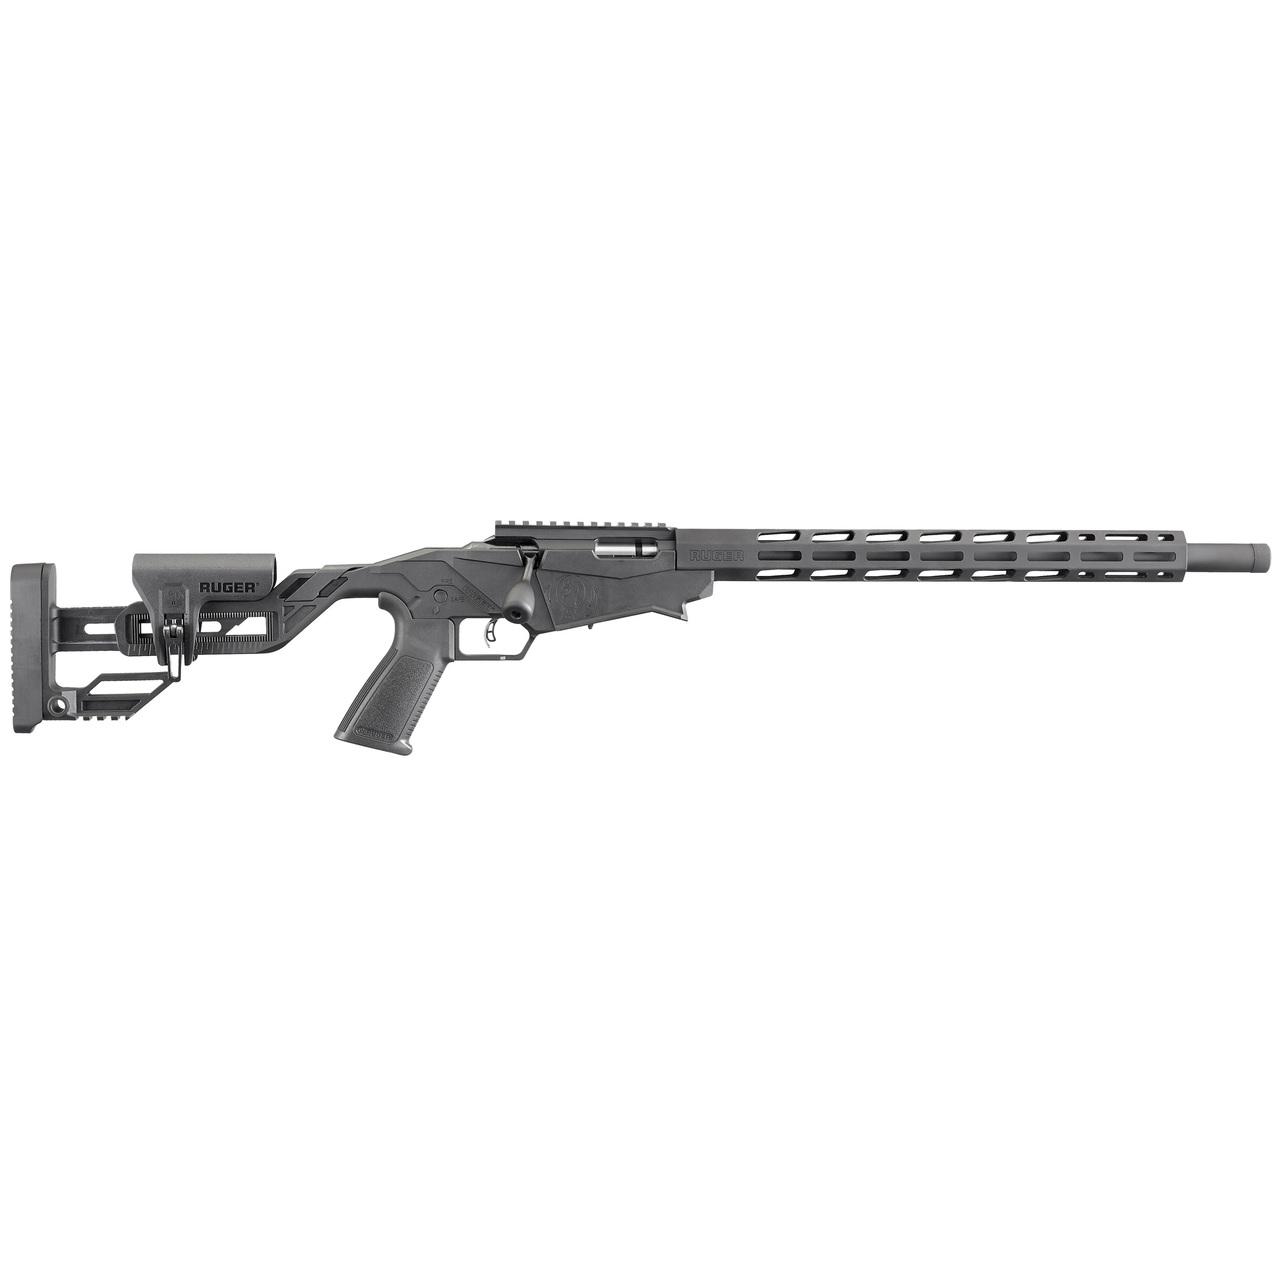 Ruger Precision Rimfire 22LR 10 Round